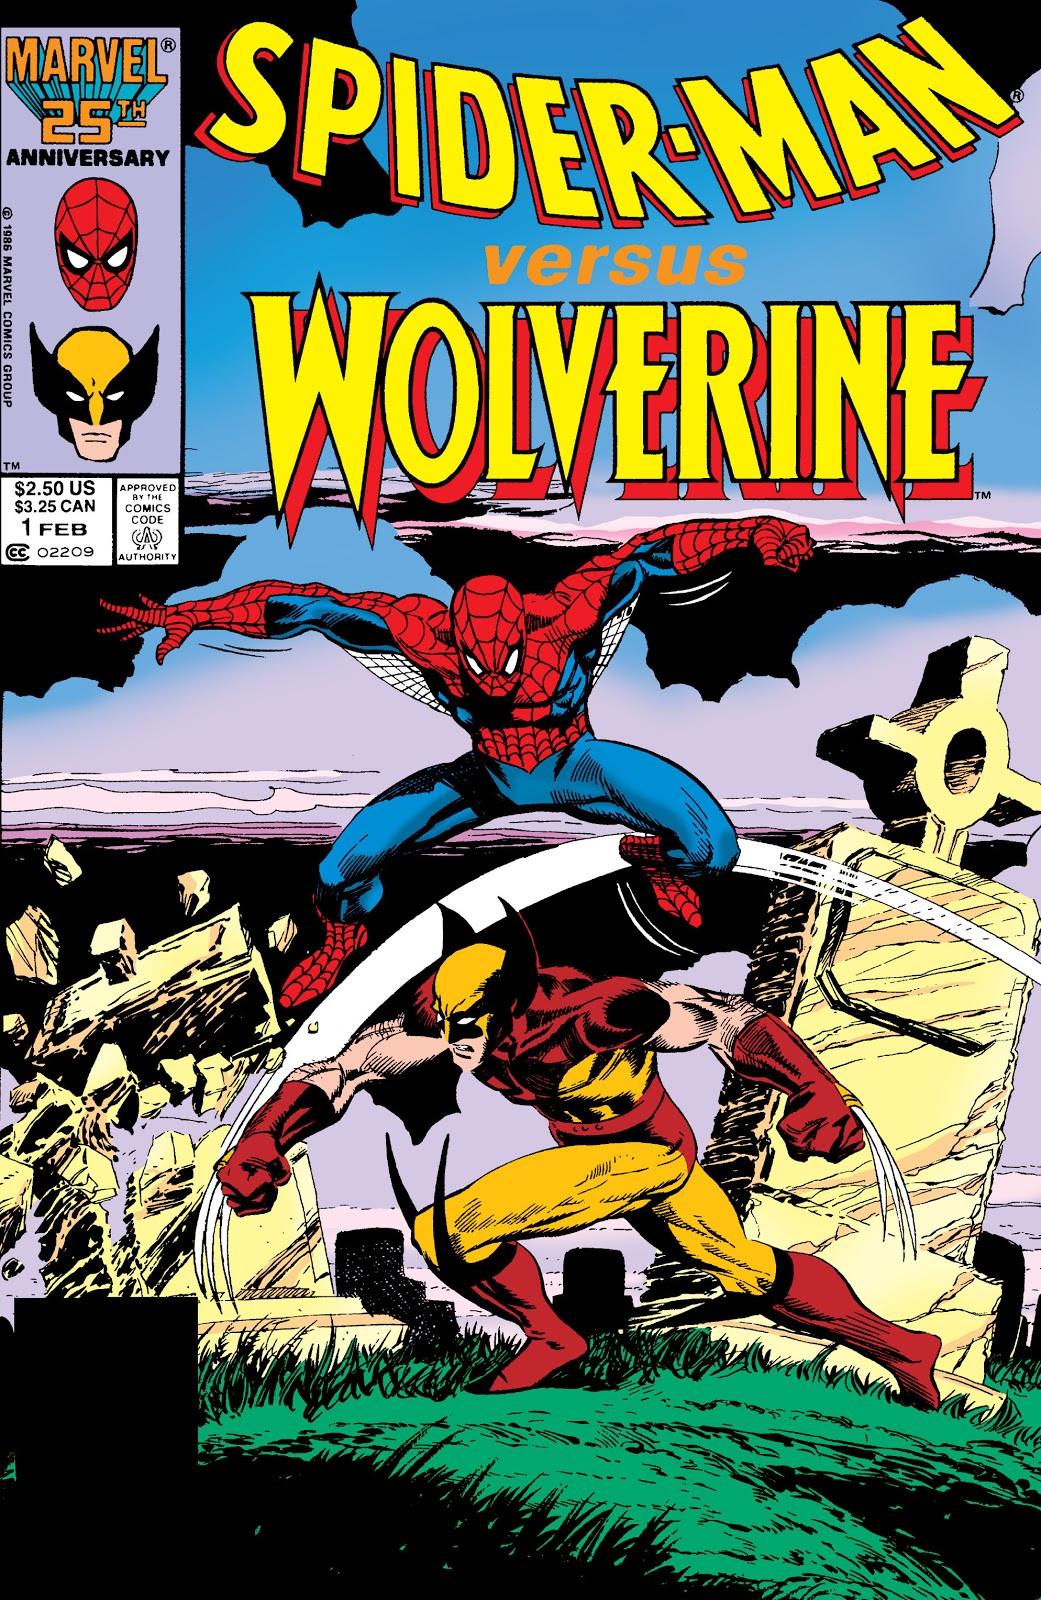 http://vignette2.wikia.nocookie.net/marveldatabase/images/4/4b/Spider-Man_Versus_Wolverine_Vol_1_1.jpg/revision/latest?cb=20060330225129